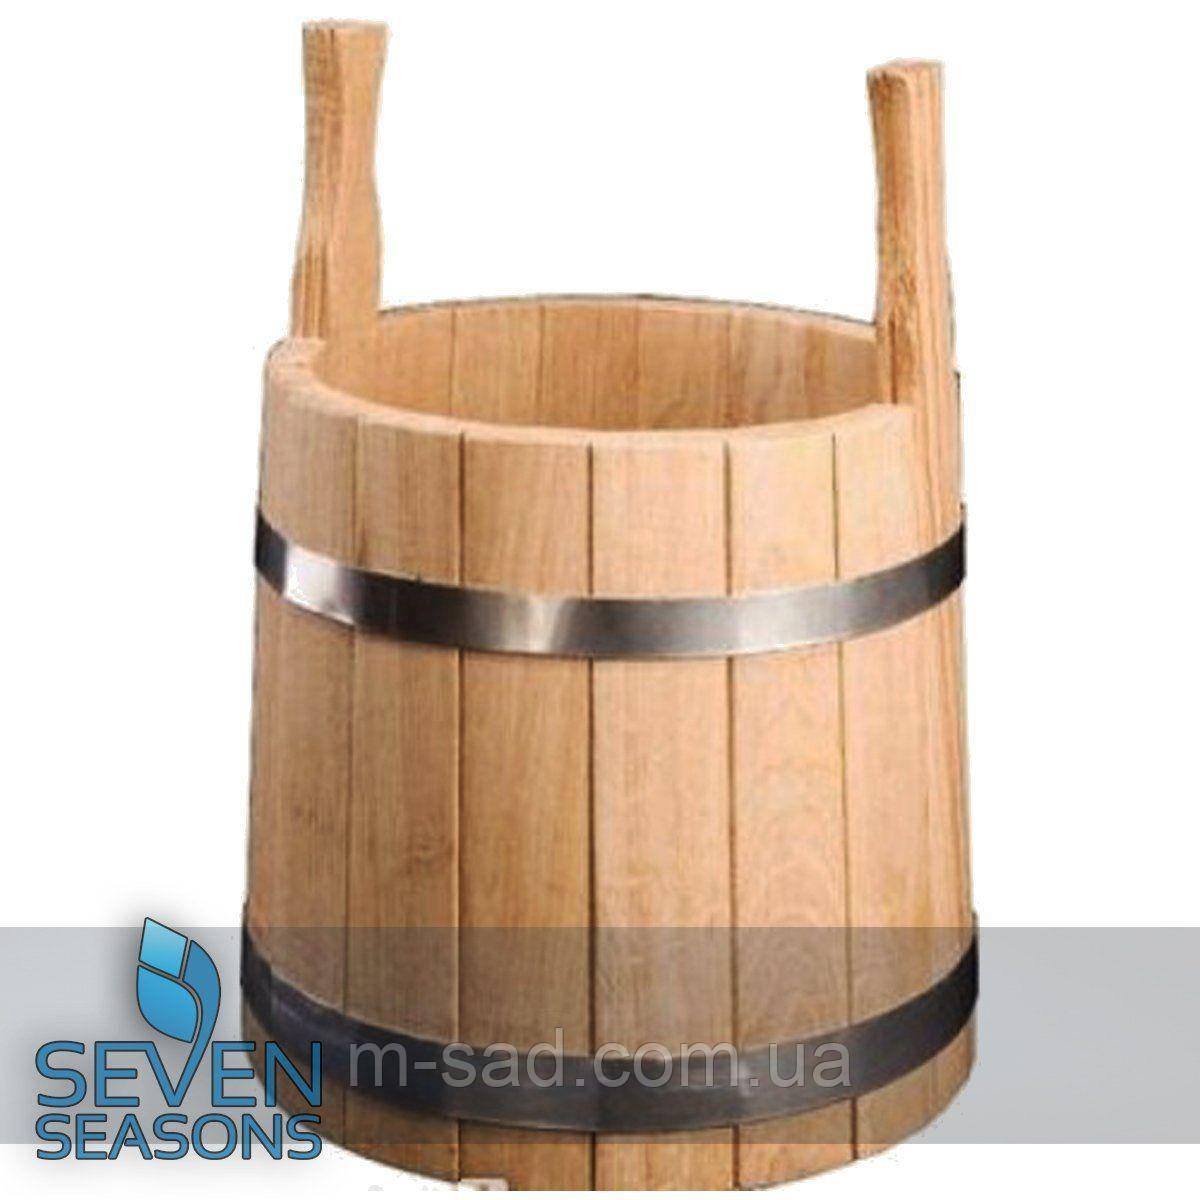 Ушат для бани Seven Seasons™, 12 литров